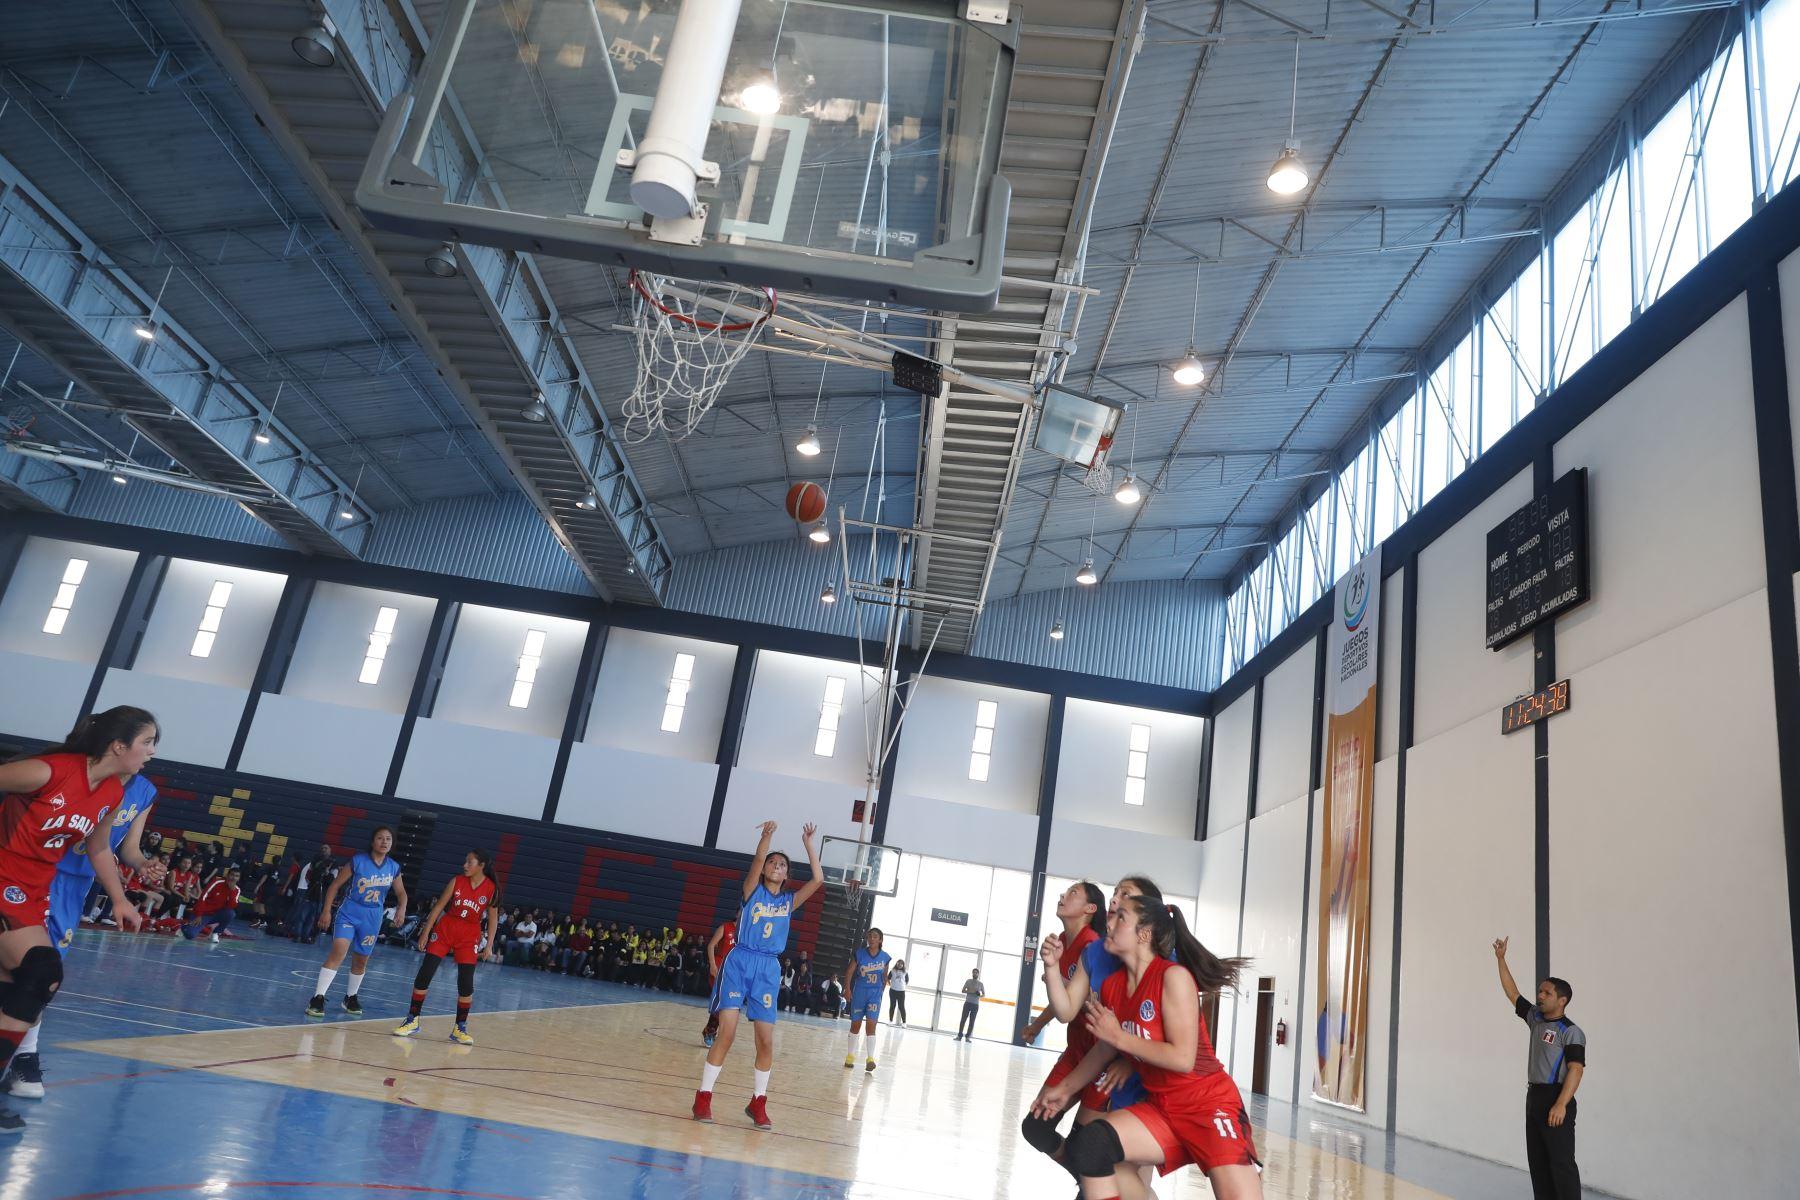 Andrea Ortíz del San José La Salle de Cusco anota punto al I.E Gelicoch en los Juegos Deportivos Escolares Nacionales desarrollado en el colegio La Recoleta de La Molina. Foto: ANDINA/Renato Pajuelo